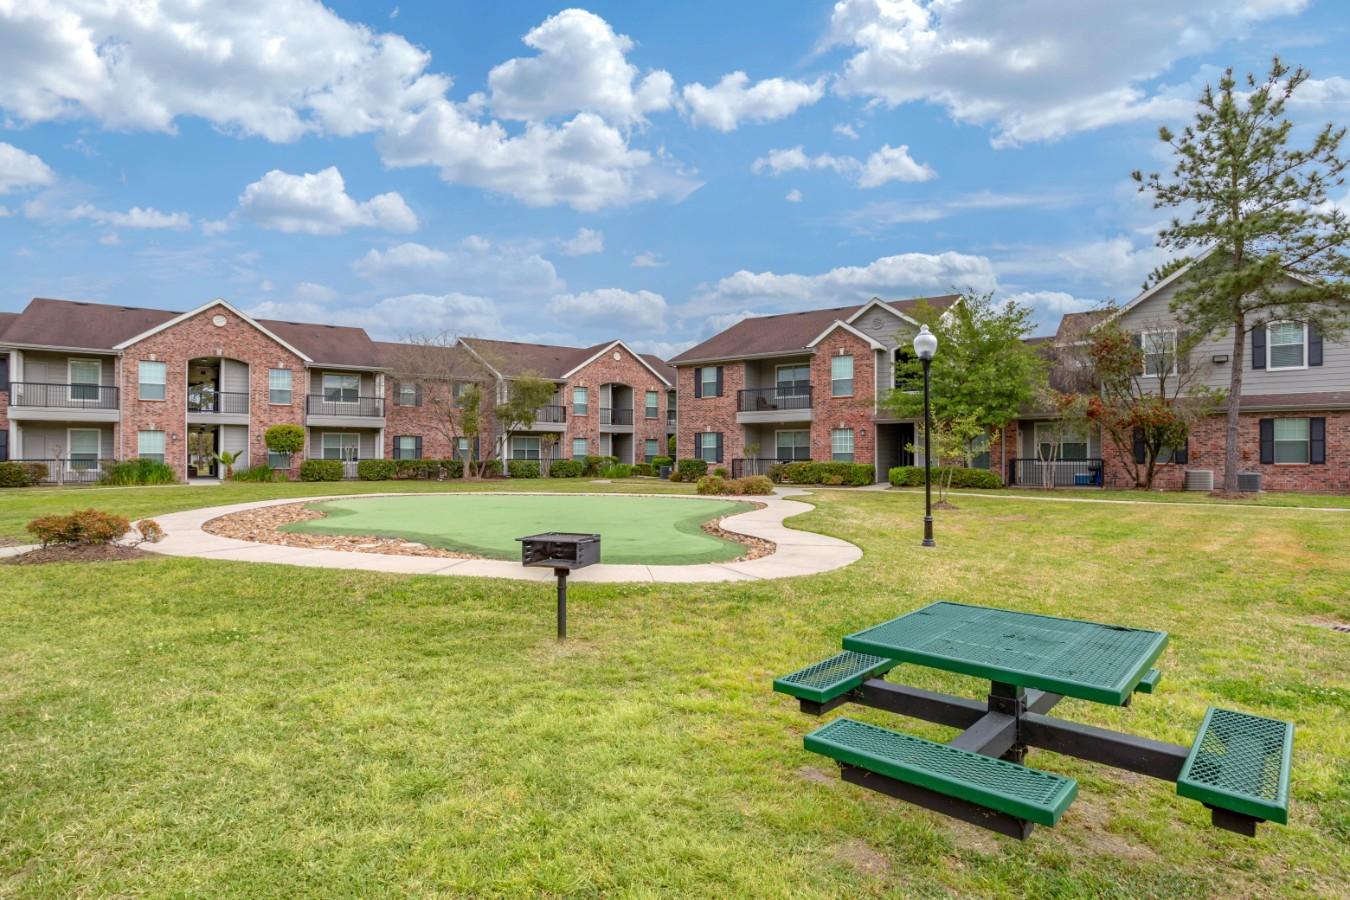 Park at Northgate Apartments